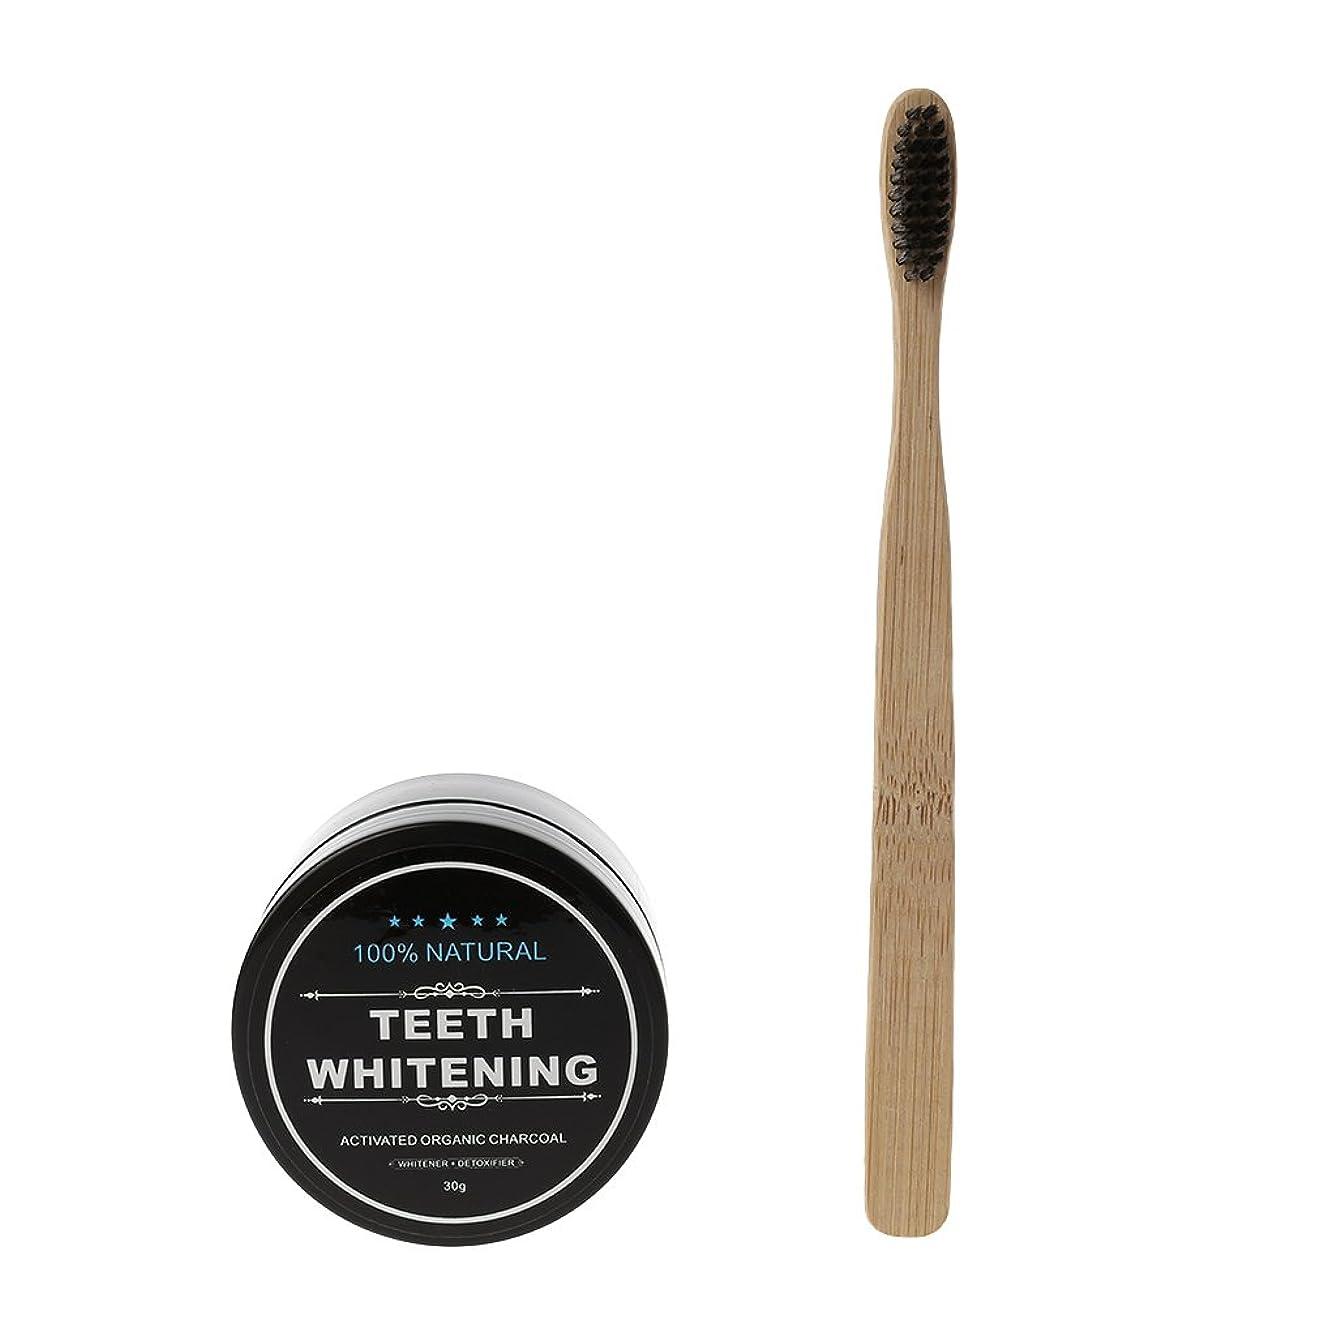 デマンド市民ユニークなJAGETRADEバンブーホワイトニング歯のパウダーオーガニックは、木炭の練り歯磨き&歯ブラシシルバーを活性化する